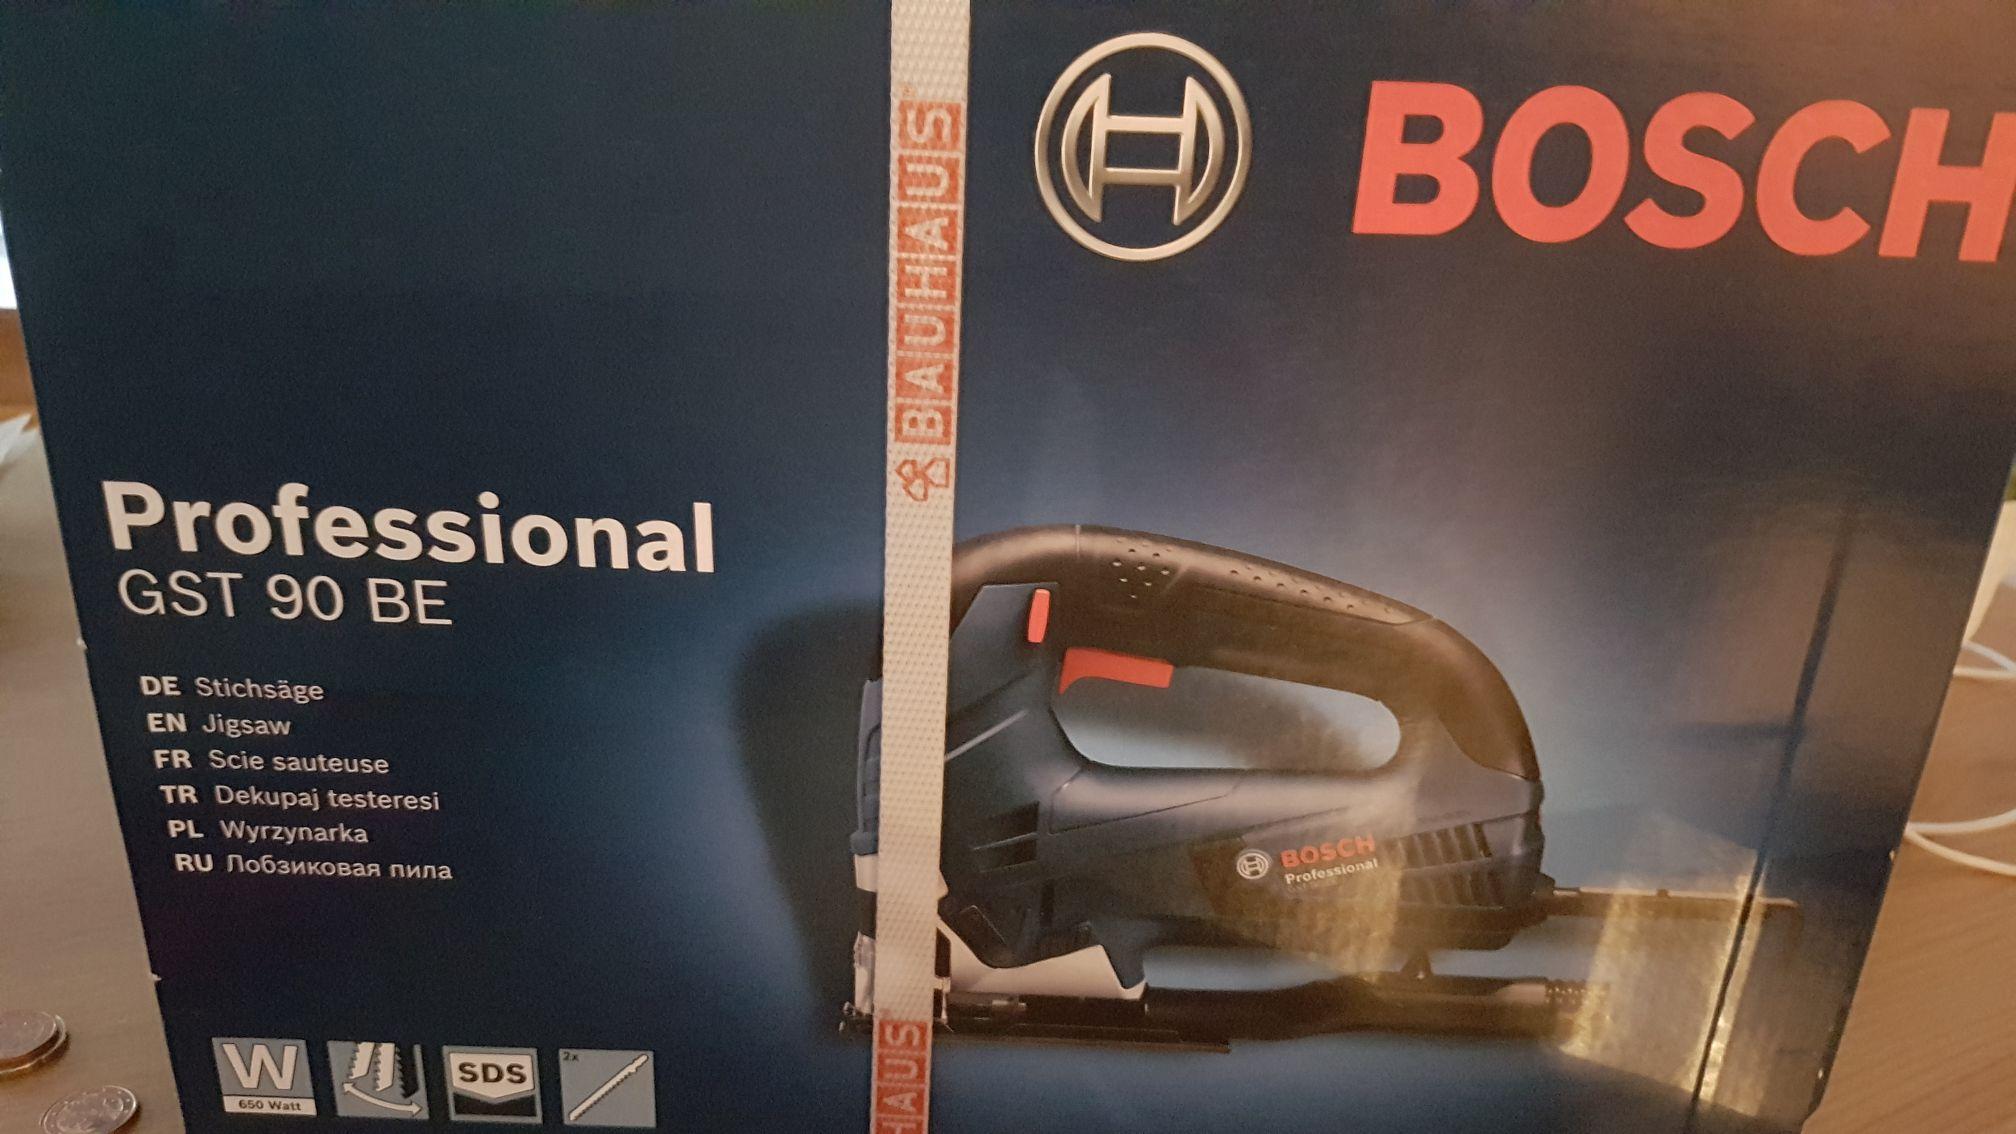 @Bauhaus offline TPG - Stichsäge Bosch GST 90 BE Professional (im Koffer)